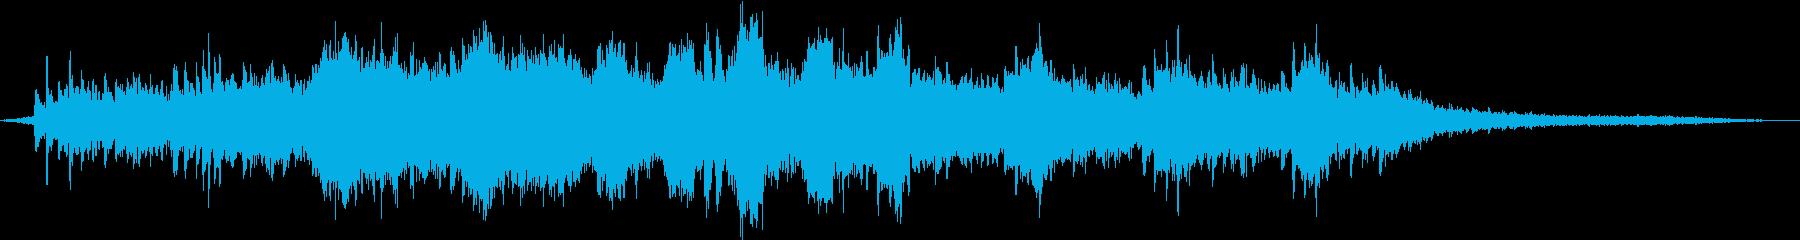 ピアノが印象的な空間系BGMの再生済みの波形